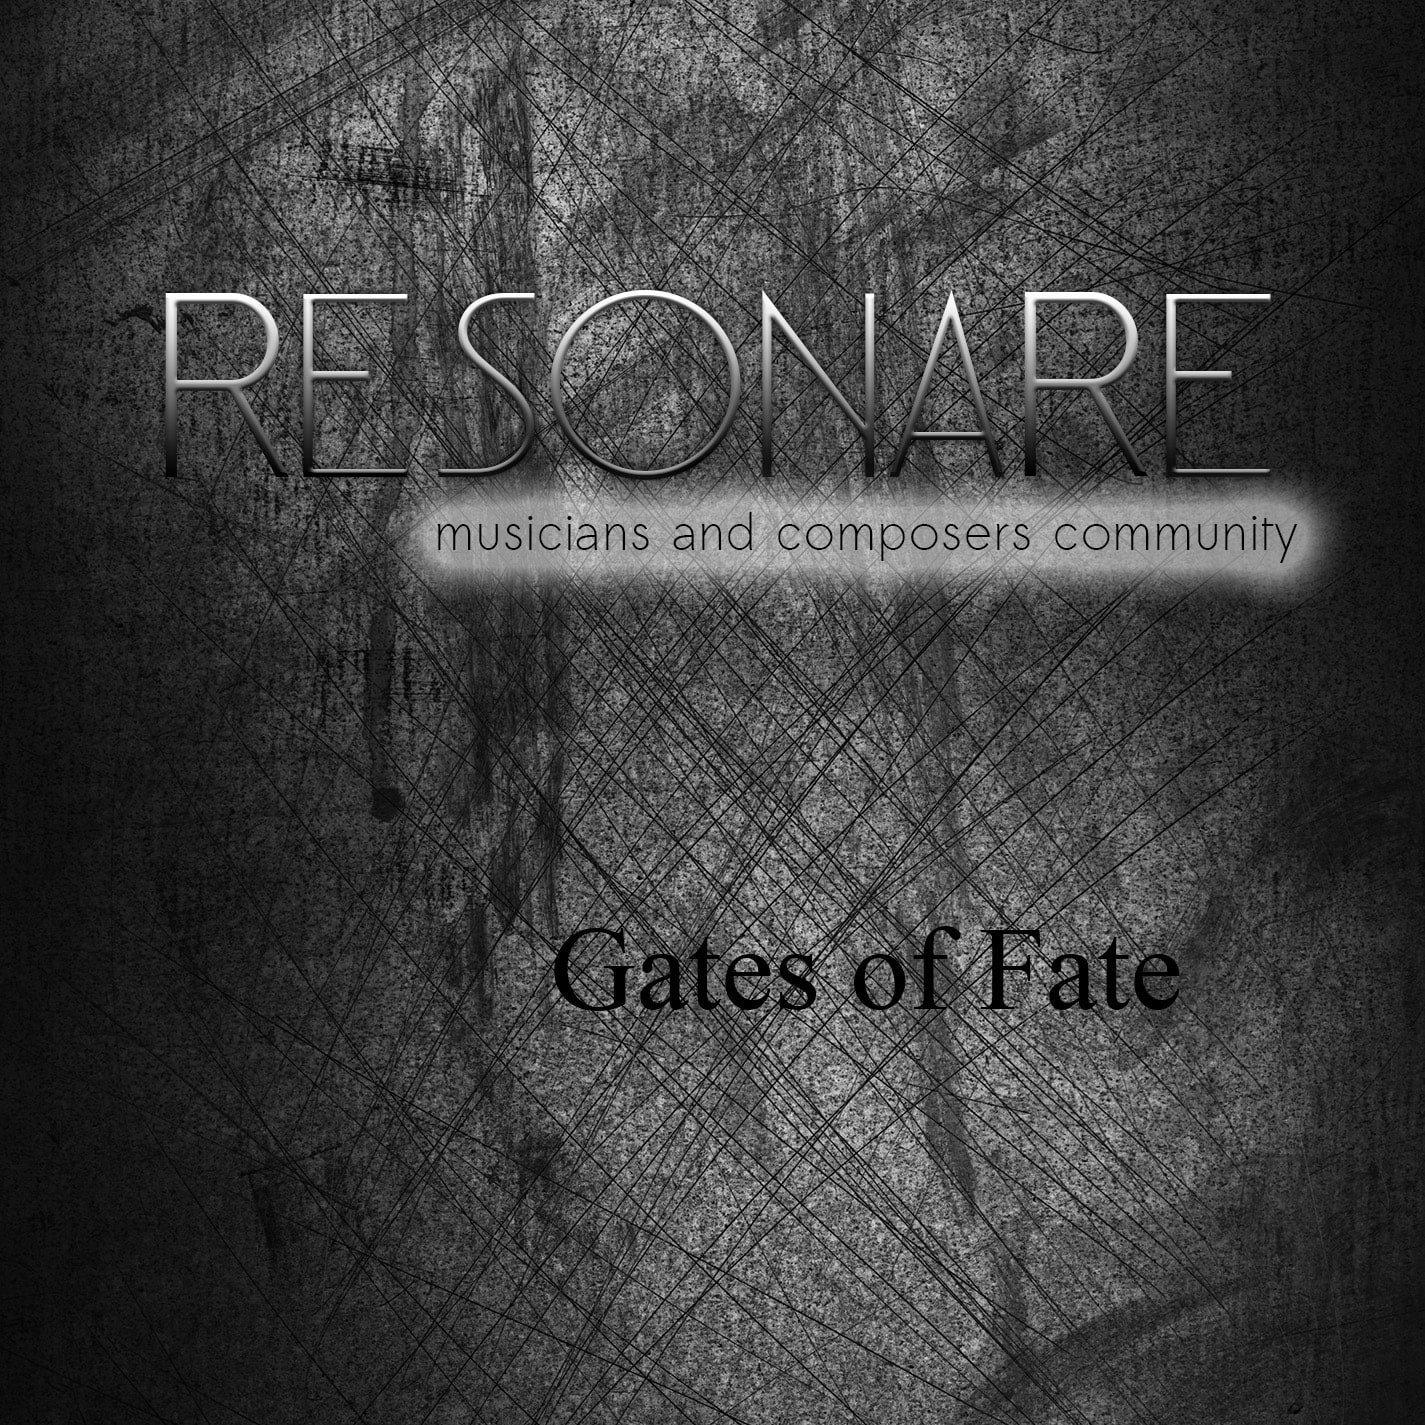 gates of fate